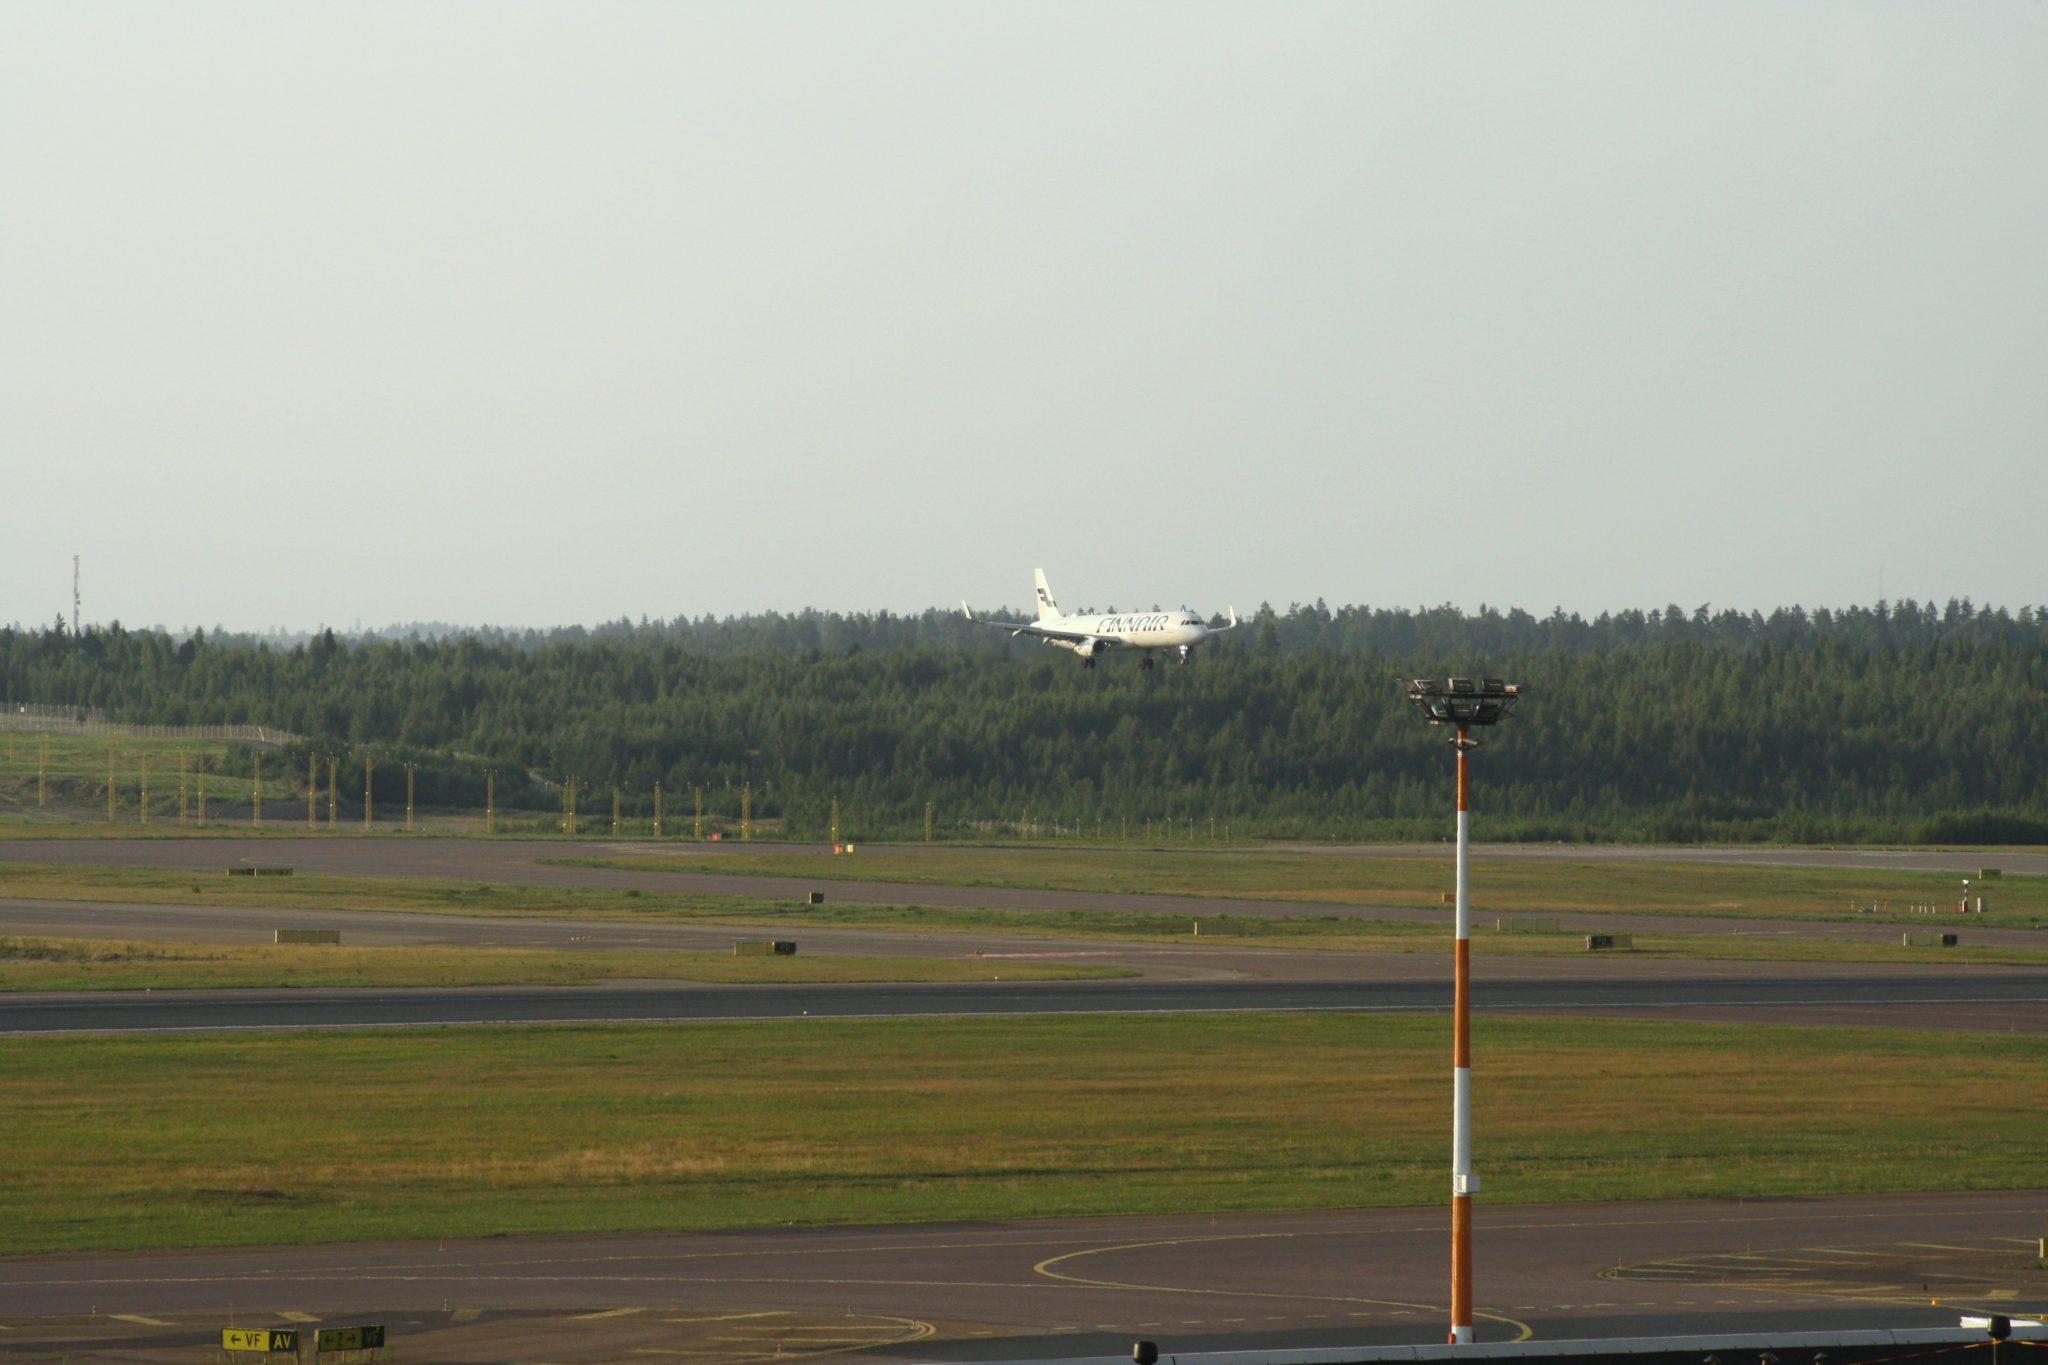 Helsinki-Vantaa lentokenttä katseluterassi näköalaterassi bongailu spottailu lentokone